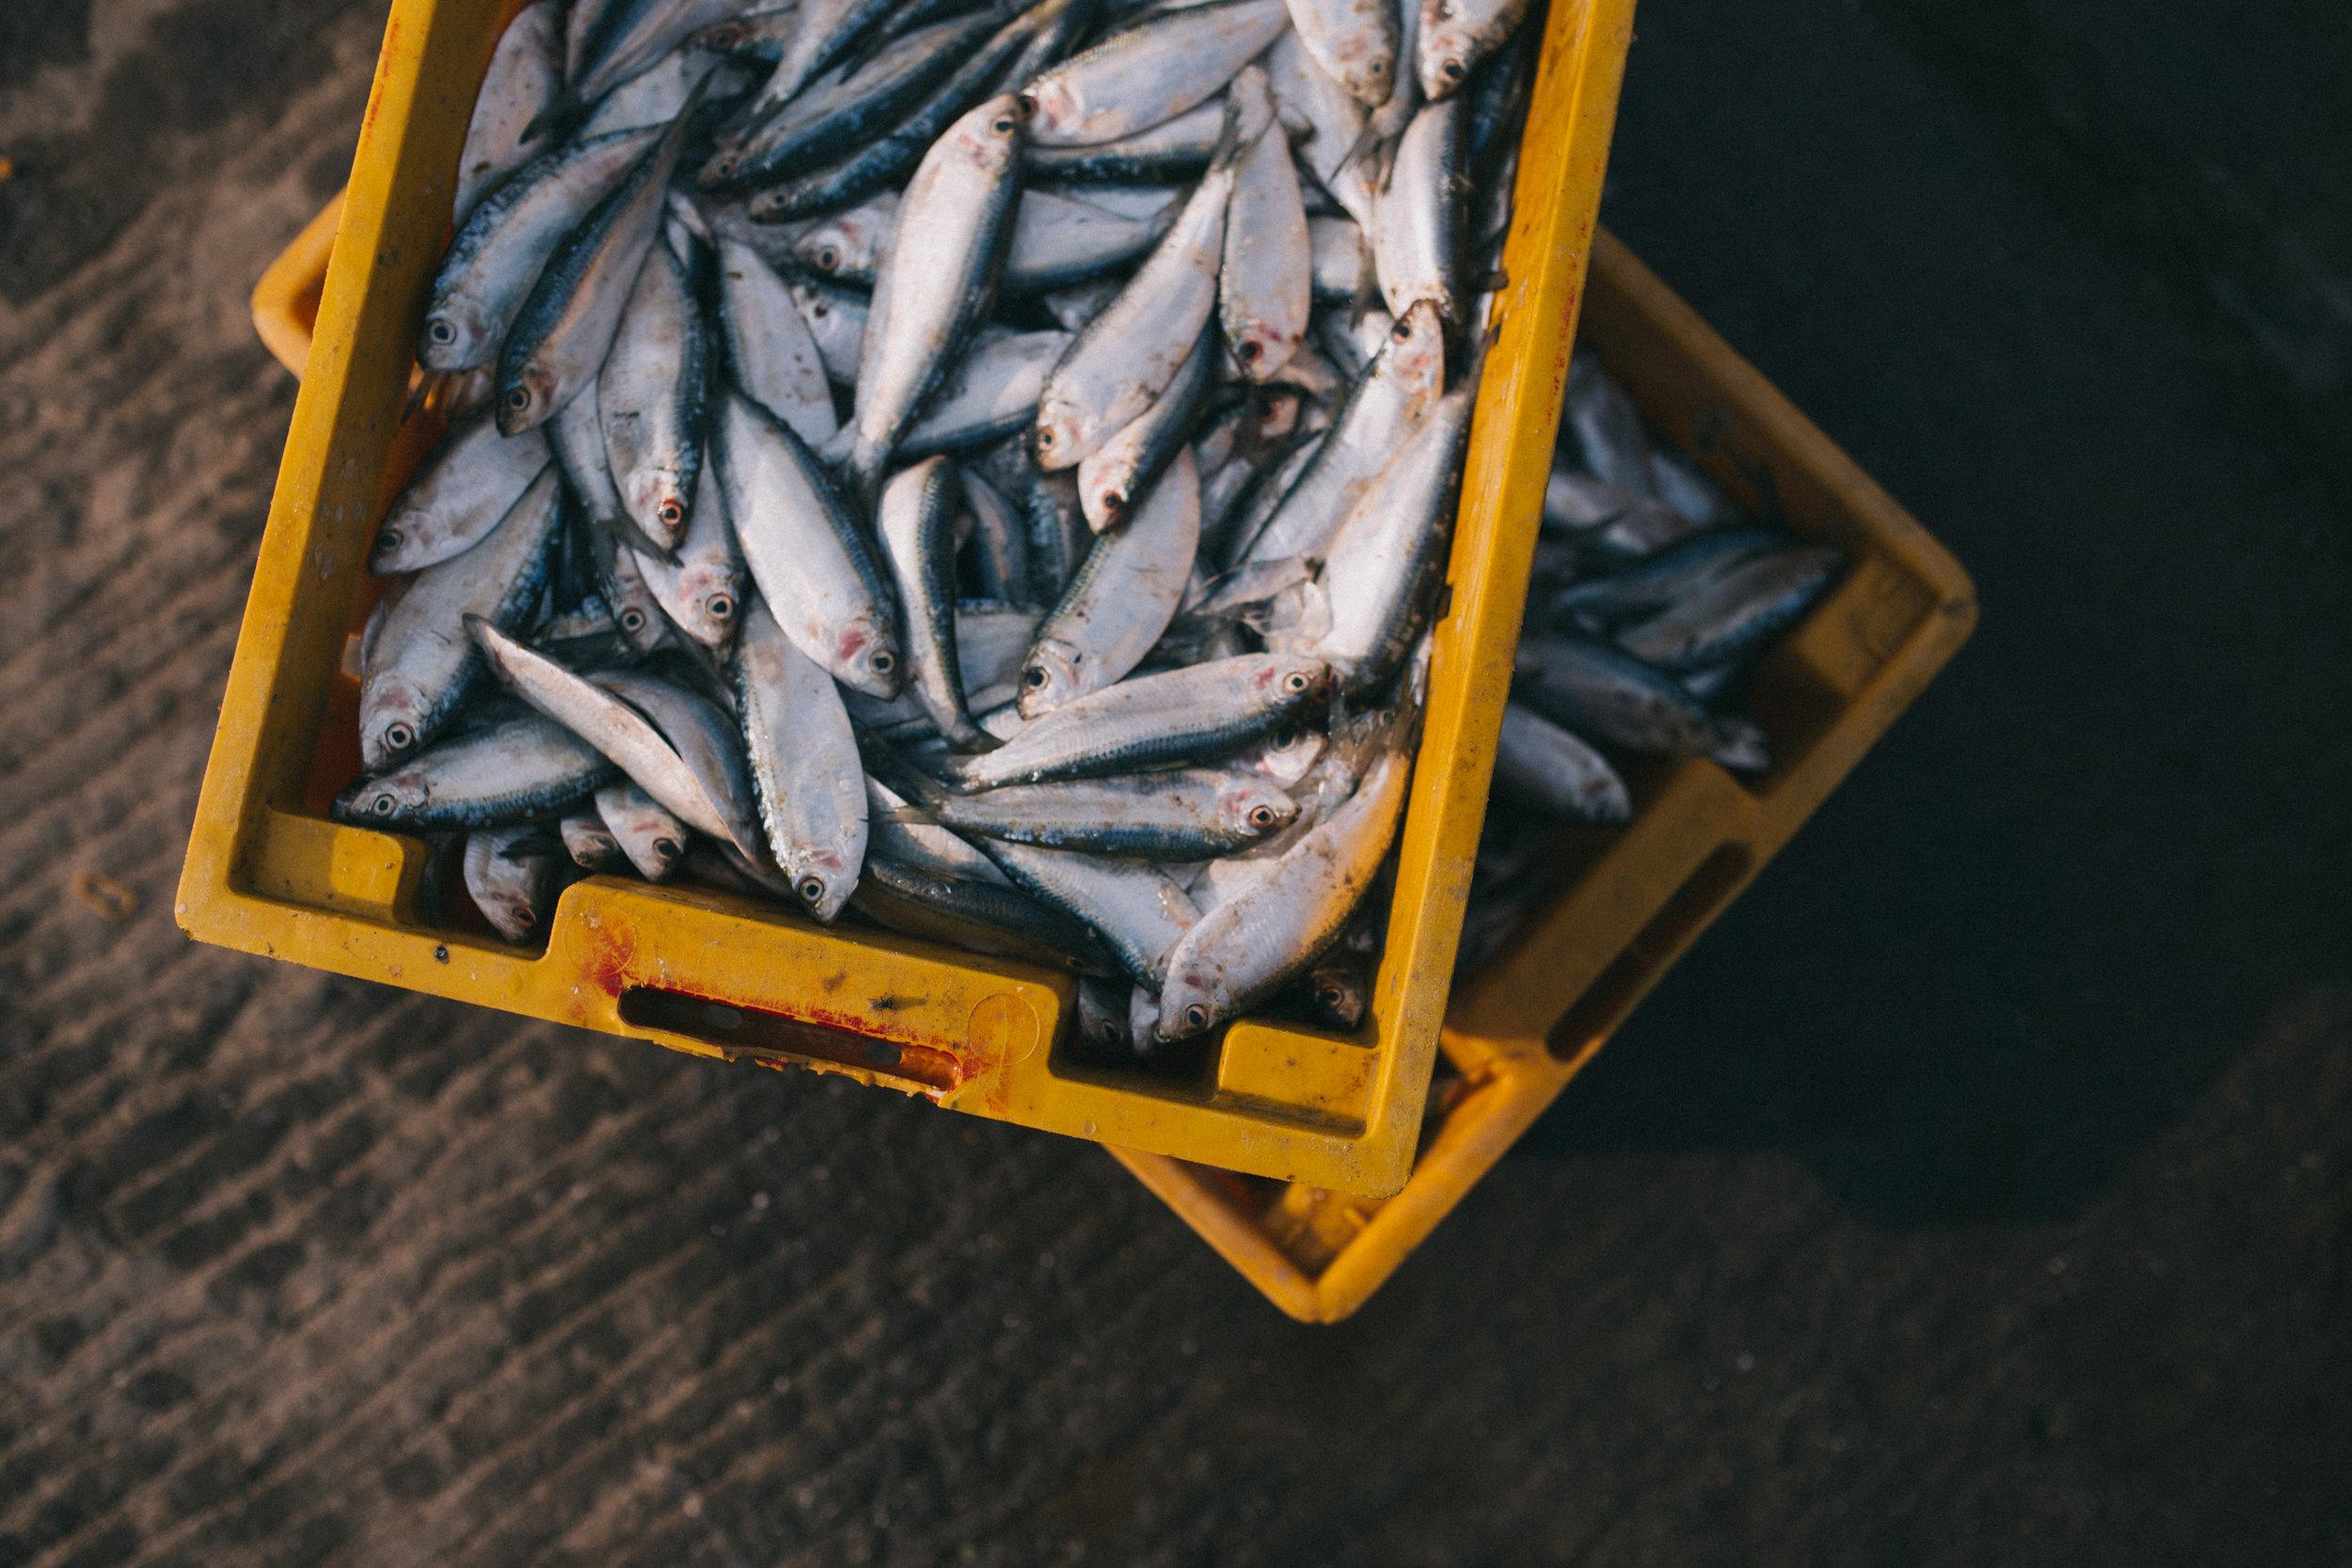 3. 体の調子を整える - 良質なたんぱく質を含む、鶏肉や牛肉、青魚など。サンマやアジなどの青魚には、必須脂肪酸のDHAやEPAが豊富に含まれているので、生活習慣病の予防効果も期待できる。